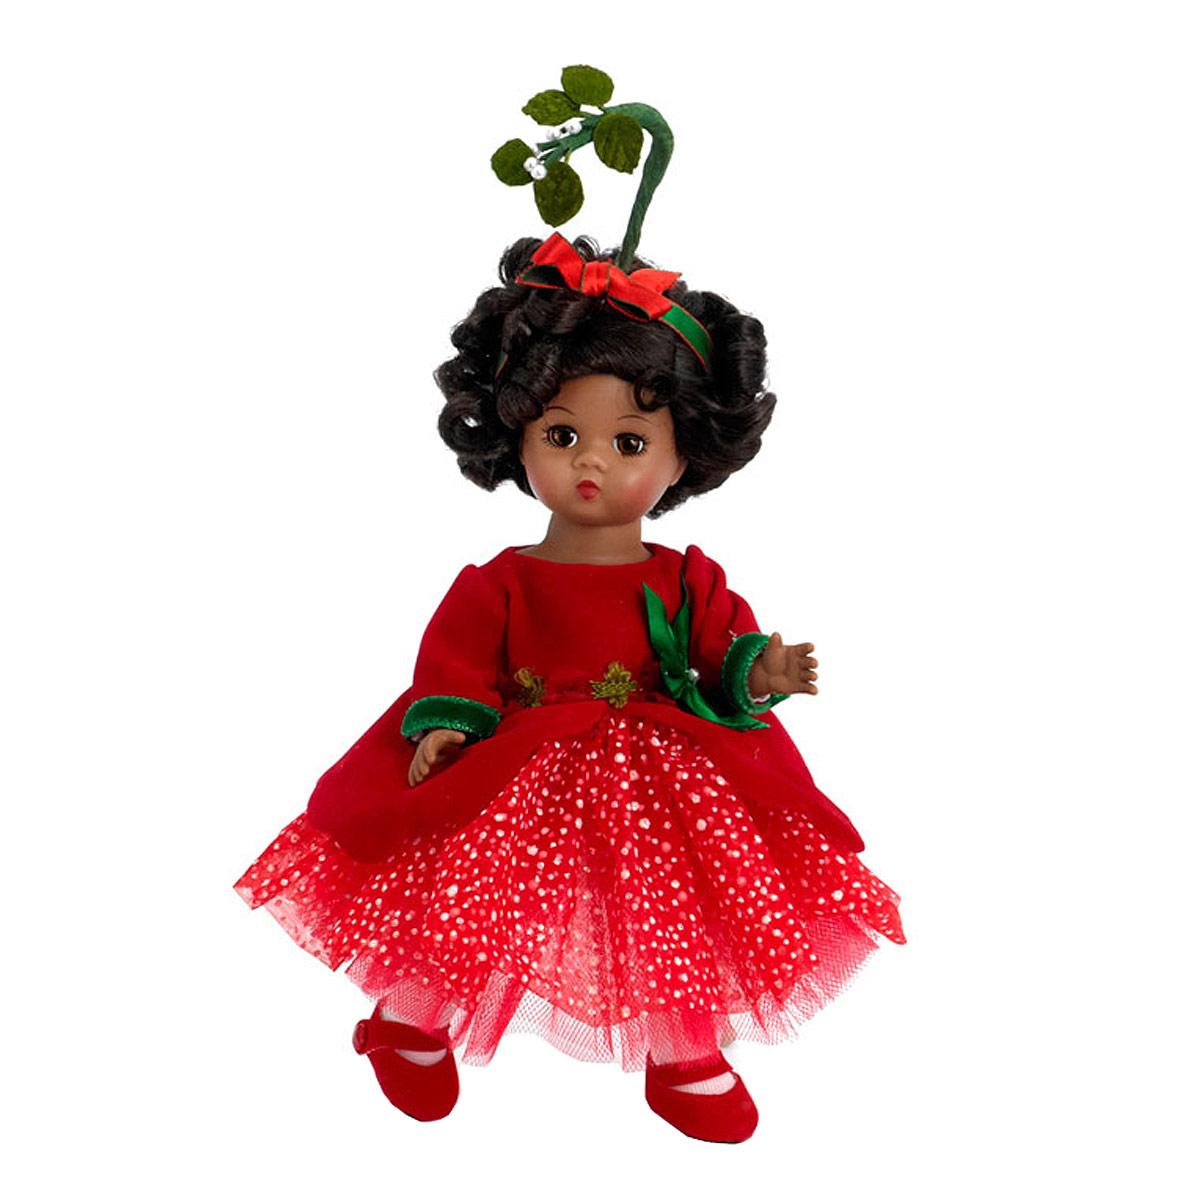 Madame Alexander Кукла Омелия64466Кукла Madame Alexander Омелия - очаровательная кукла с личиком Венди, с зелеными глазами и короткими темными кудрями. Одета в праздничное красное платье, рукава отделаны зеленой бархатной лентой. Нижние юбки платья выполнены из тюля. На ногах куклы белые колготки и красные башмачки. Прическу куклы украшают красные и зеленые ленты и стебелек омелы. Если куколку положить на спинку, то ее глазки закроются.